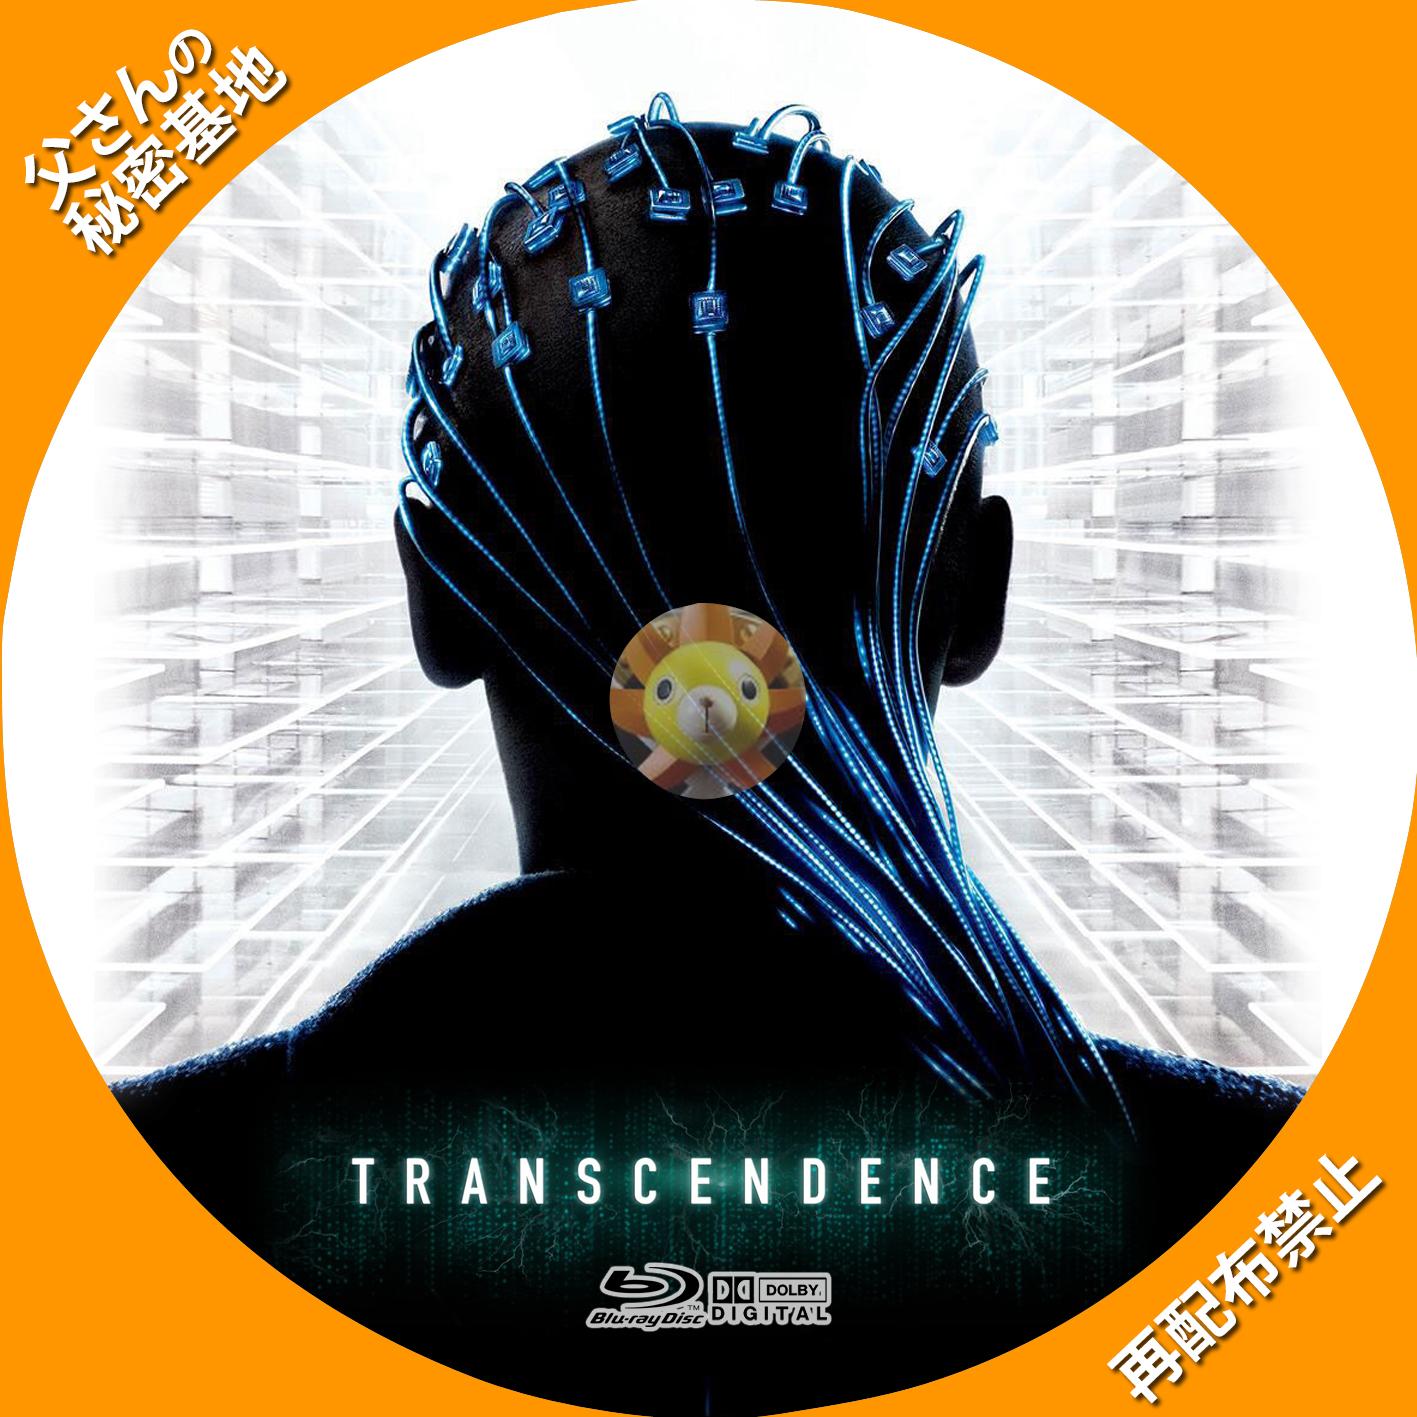 transcendence_BD01.jpg